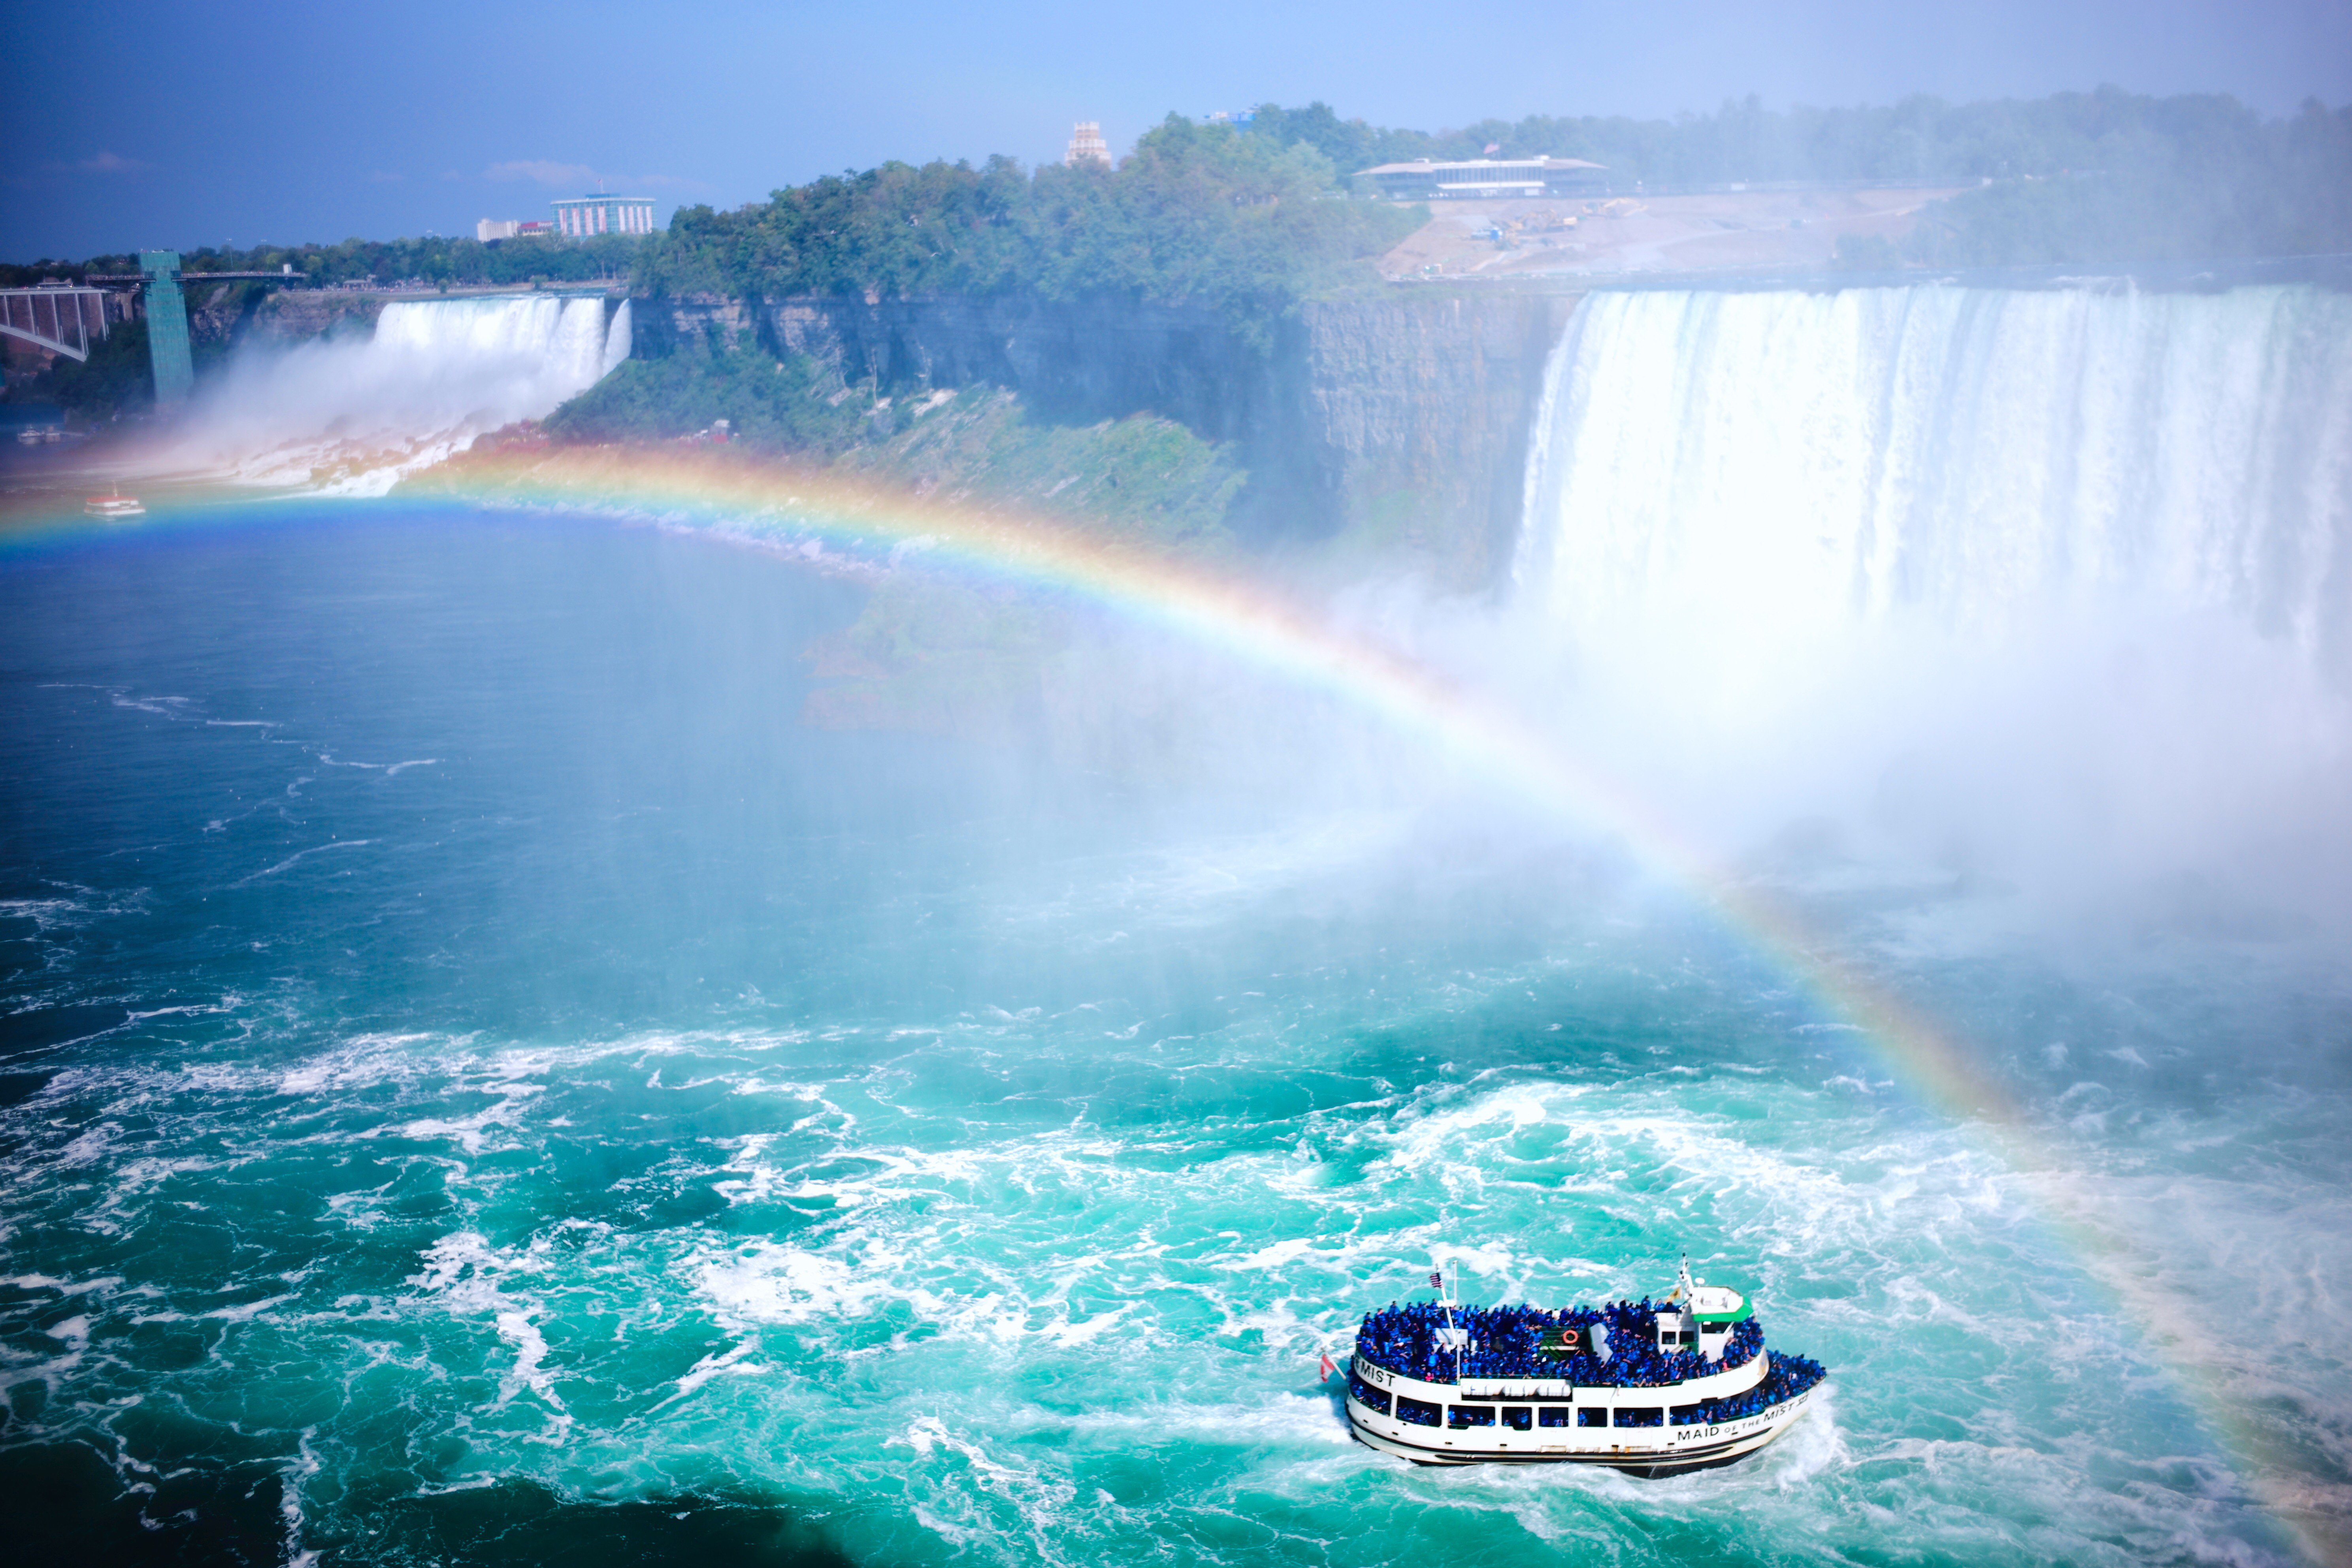 壁纸 风景 旅游 瀑布 山水 桌面 5952_3968